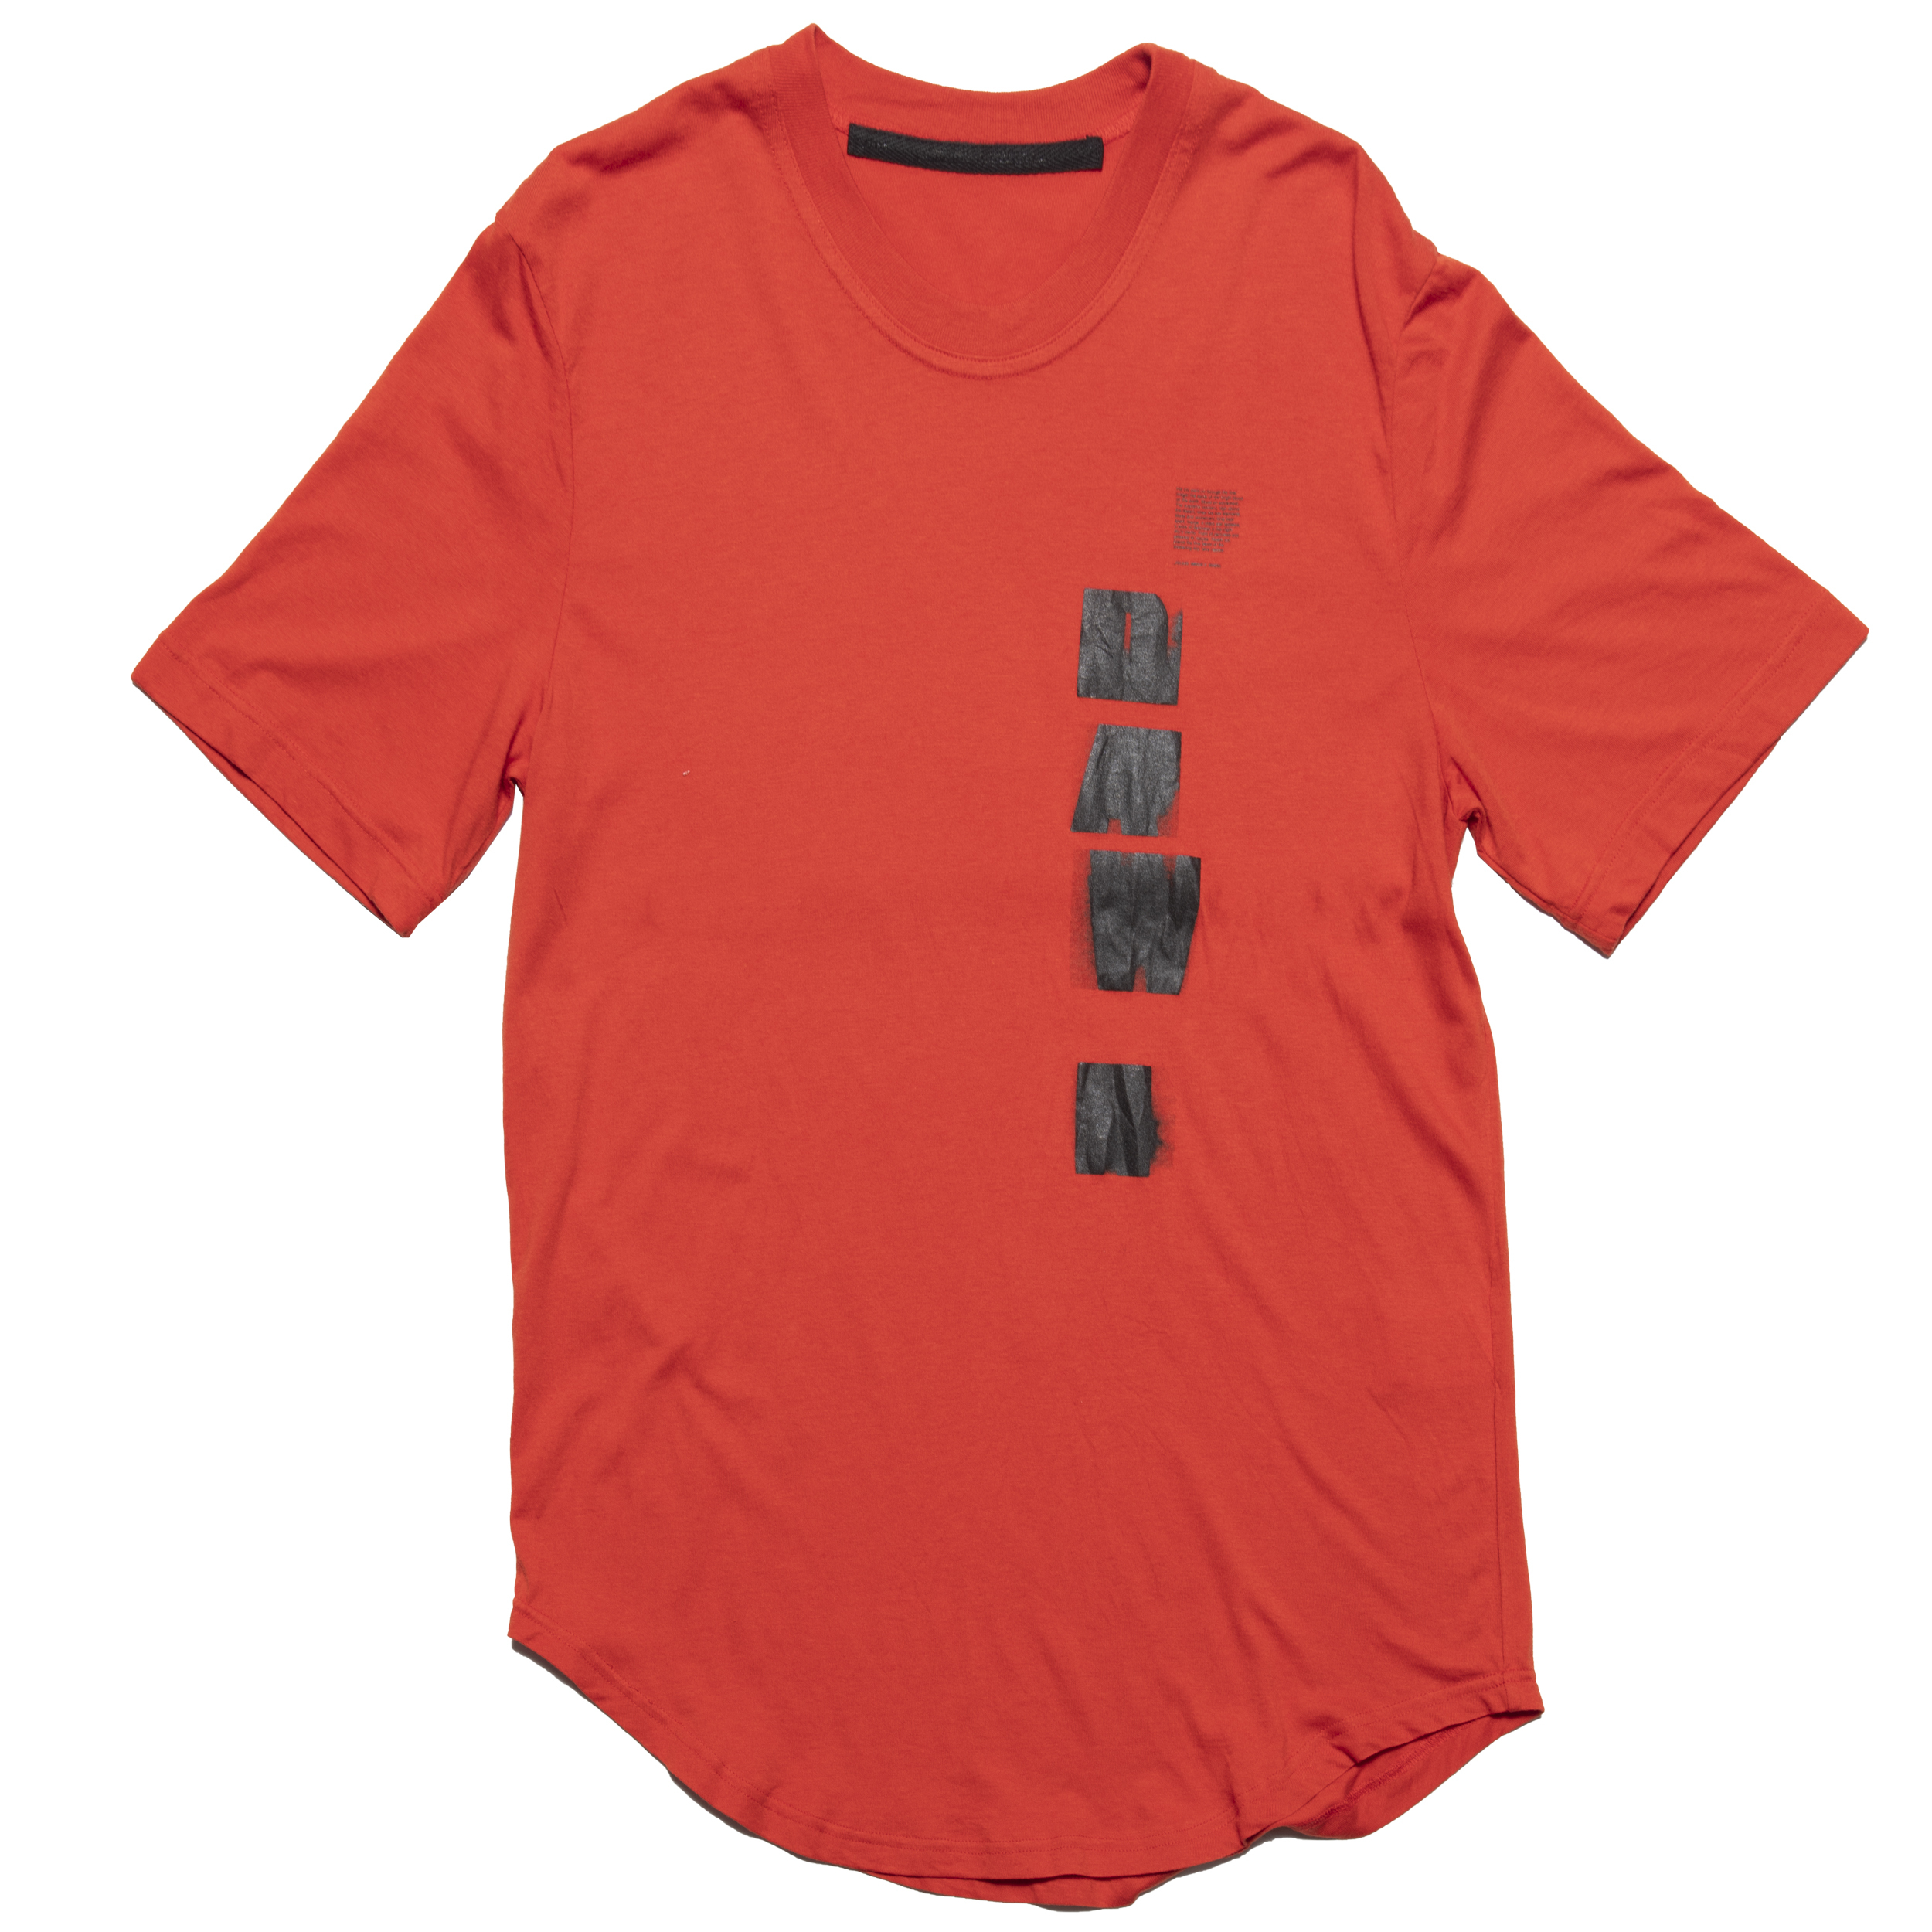 667CPM2-ORANGE / DAWN BIGTシャツ